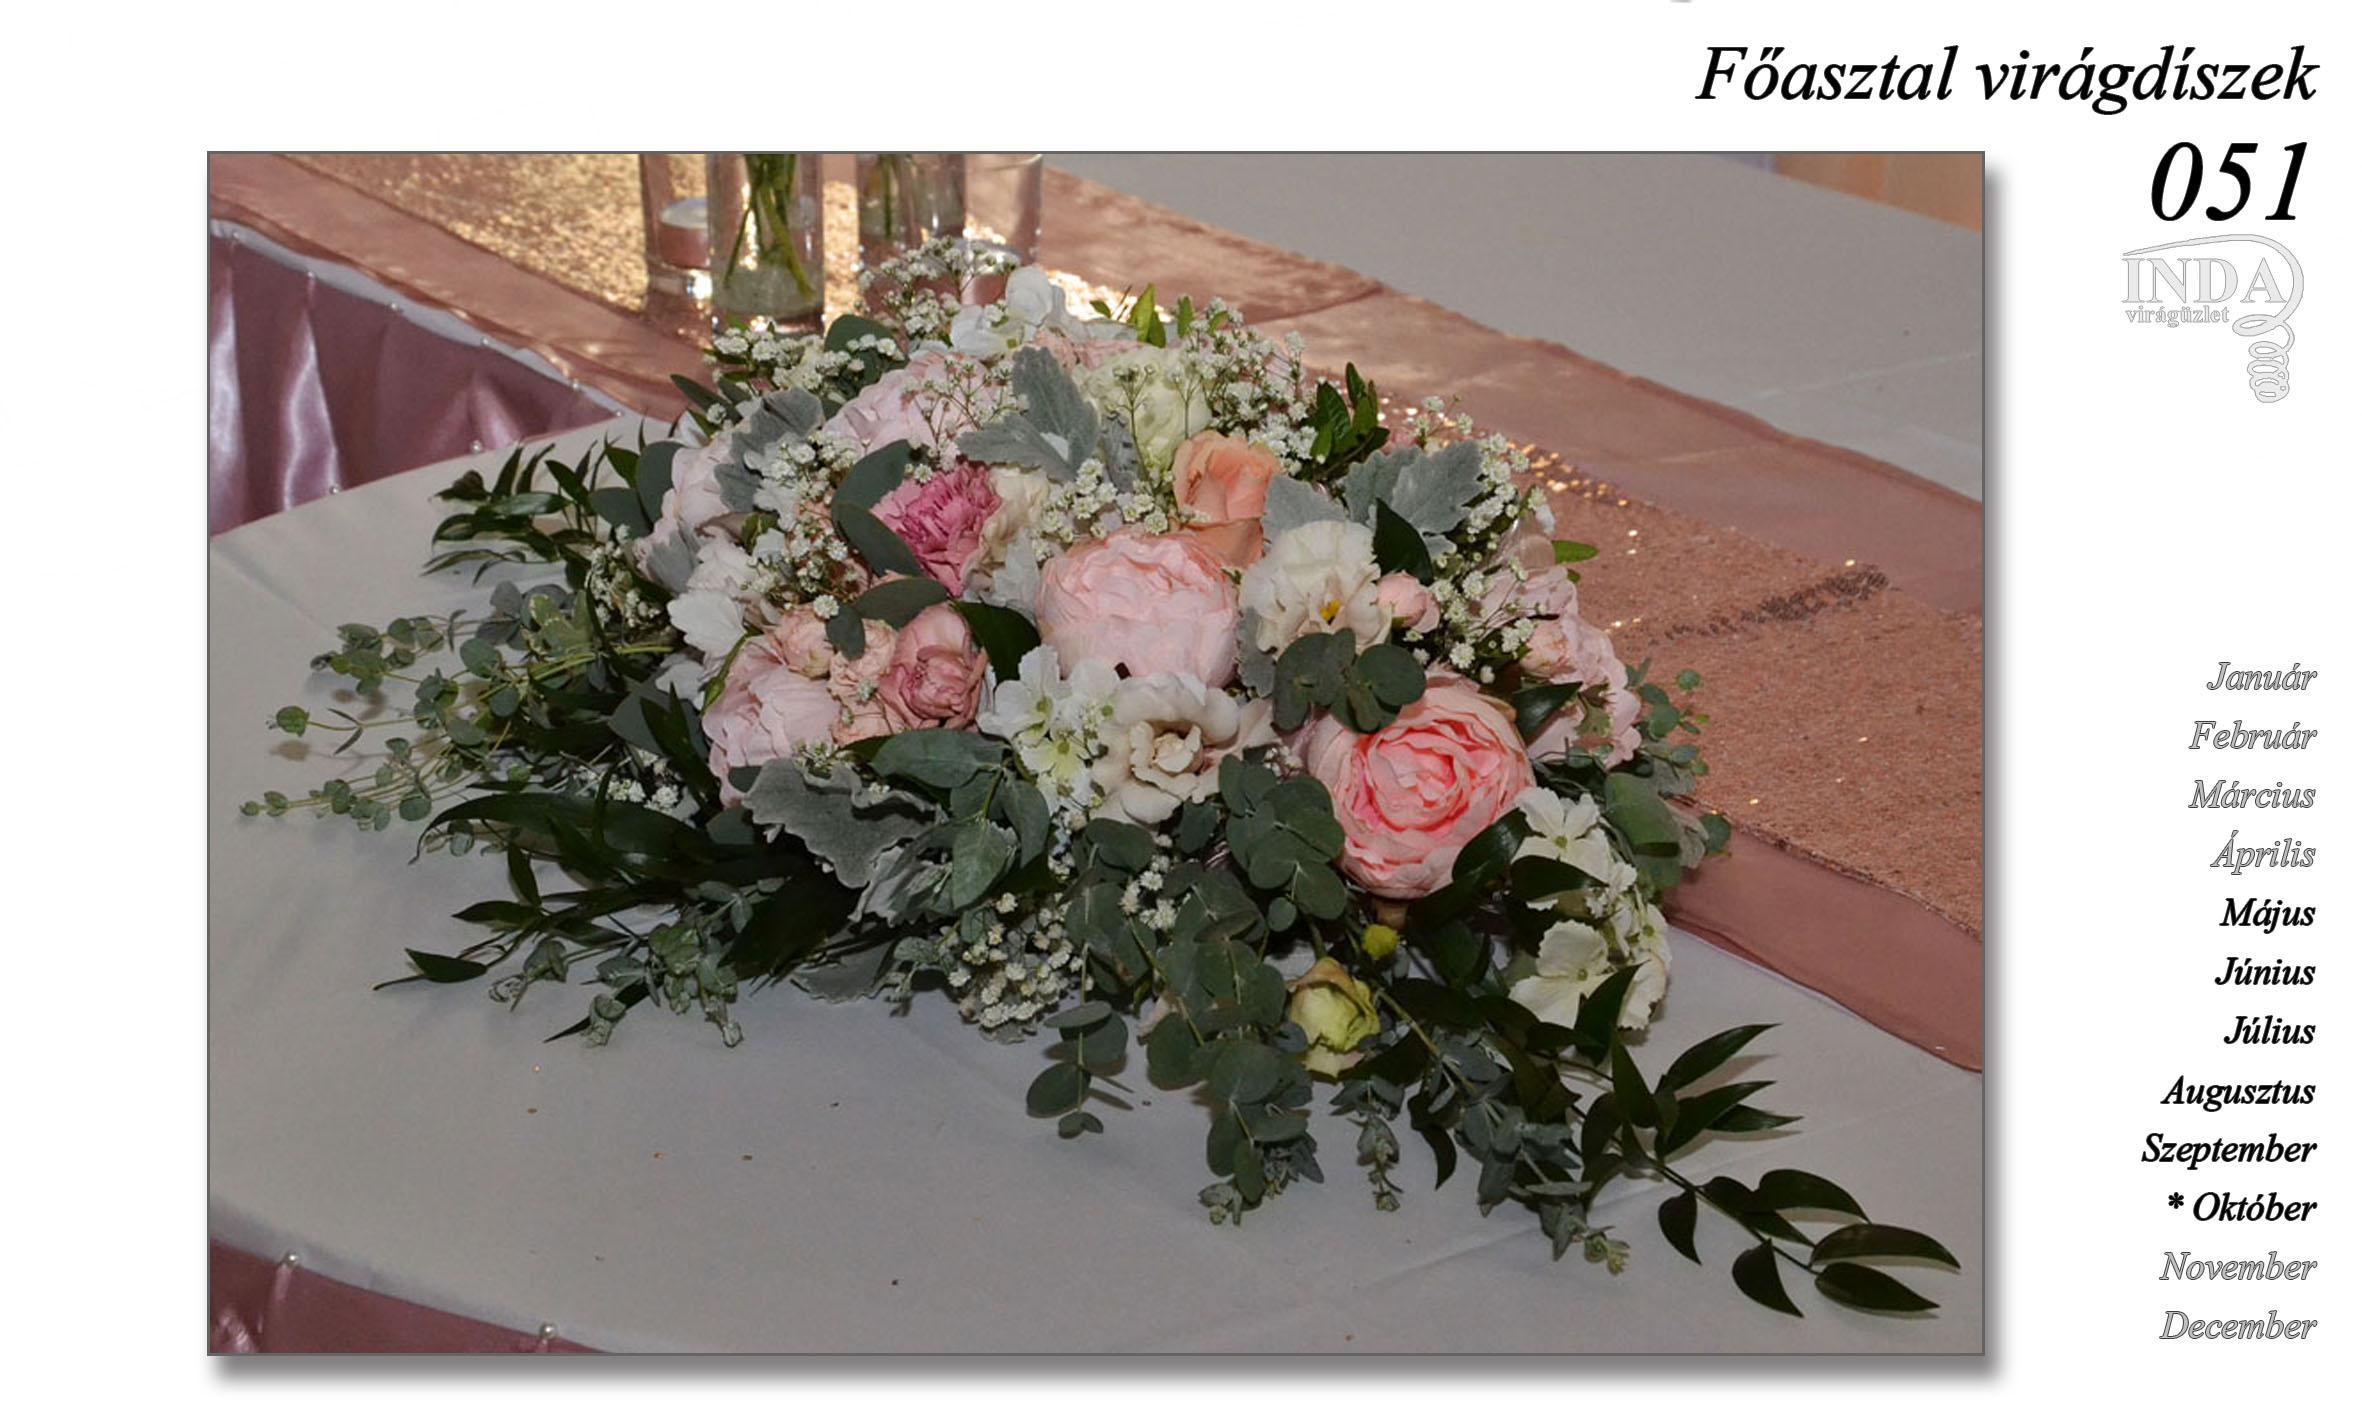 3ed3669603 Főasztal virágdíszek – INDA Virágüzlet